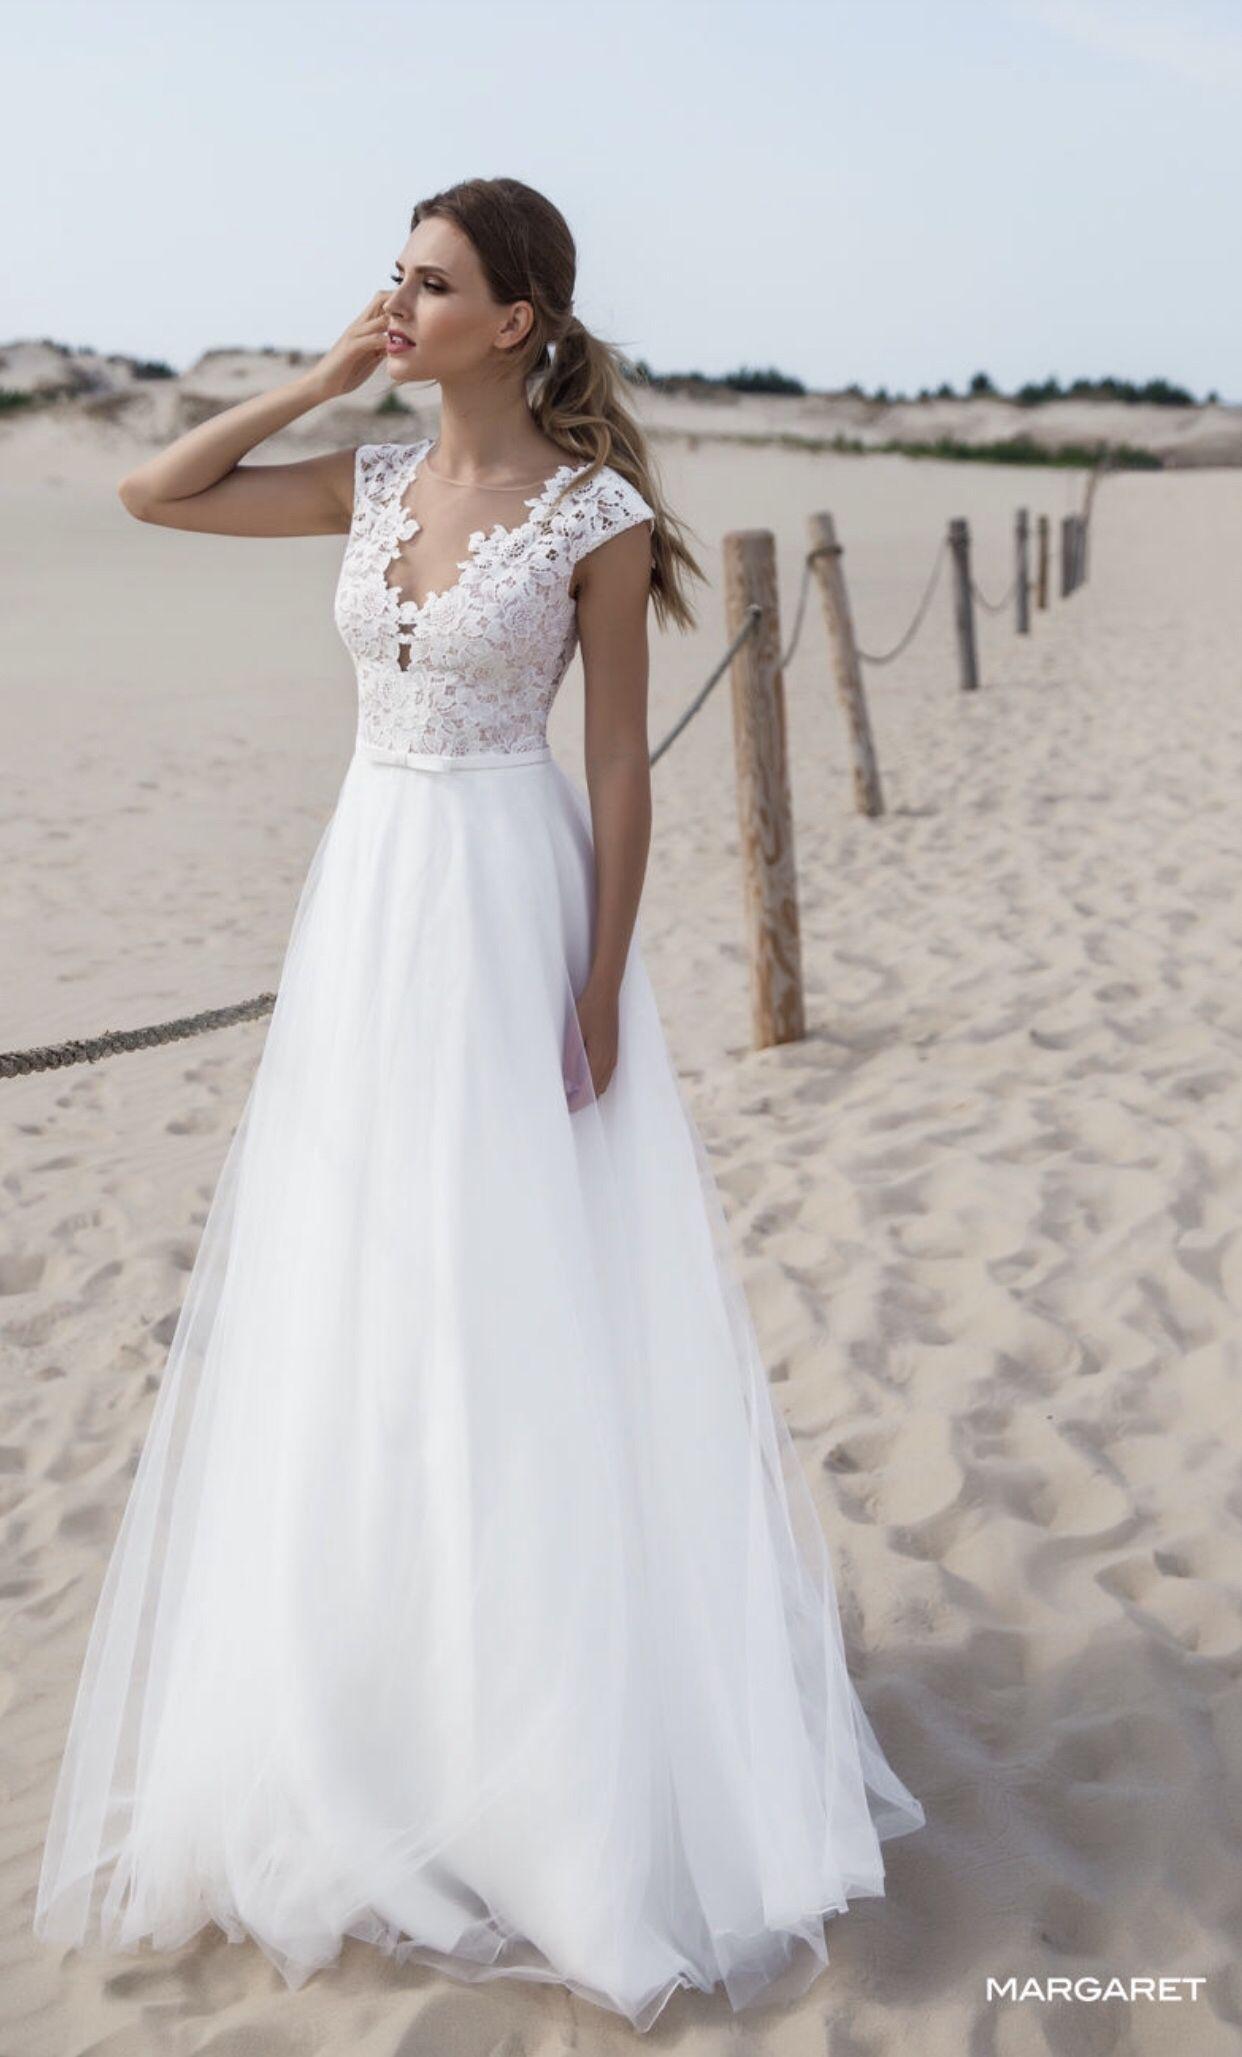 Le Rina - Brautkleid Margaret -Hochzeitskleid  Kleider hochzeit